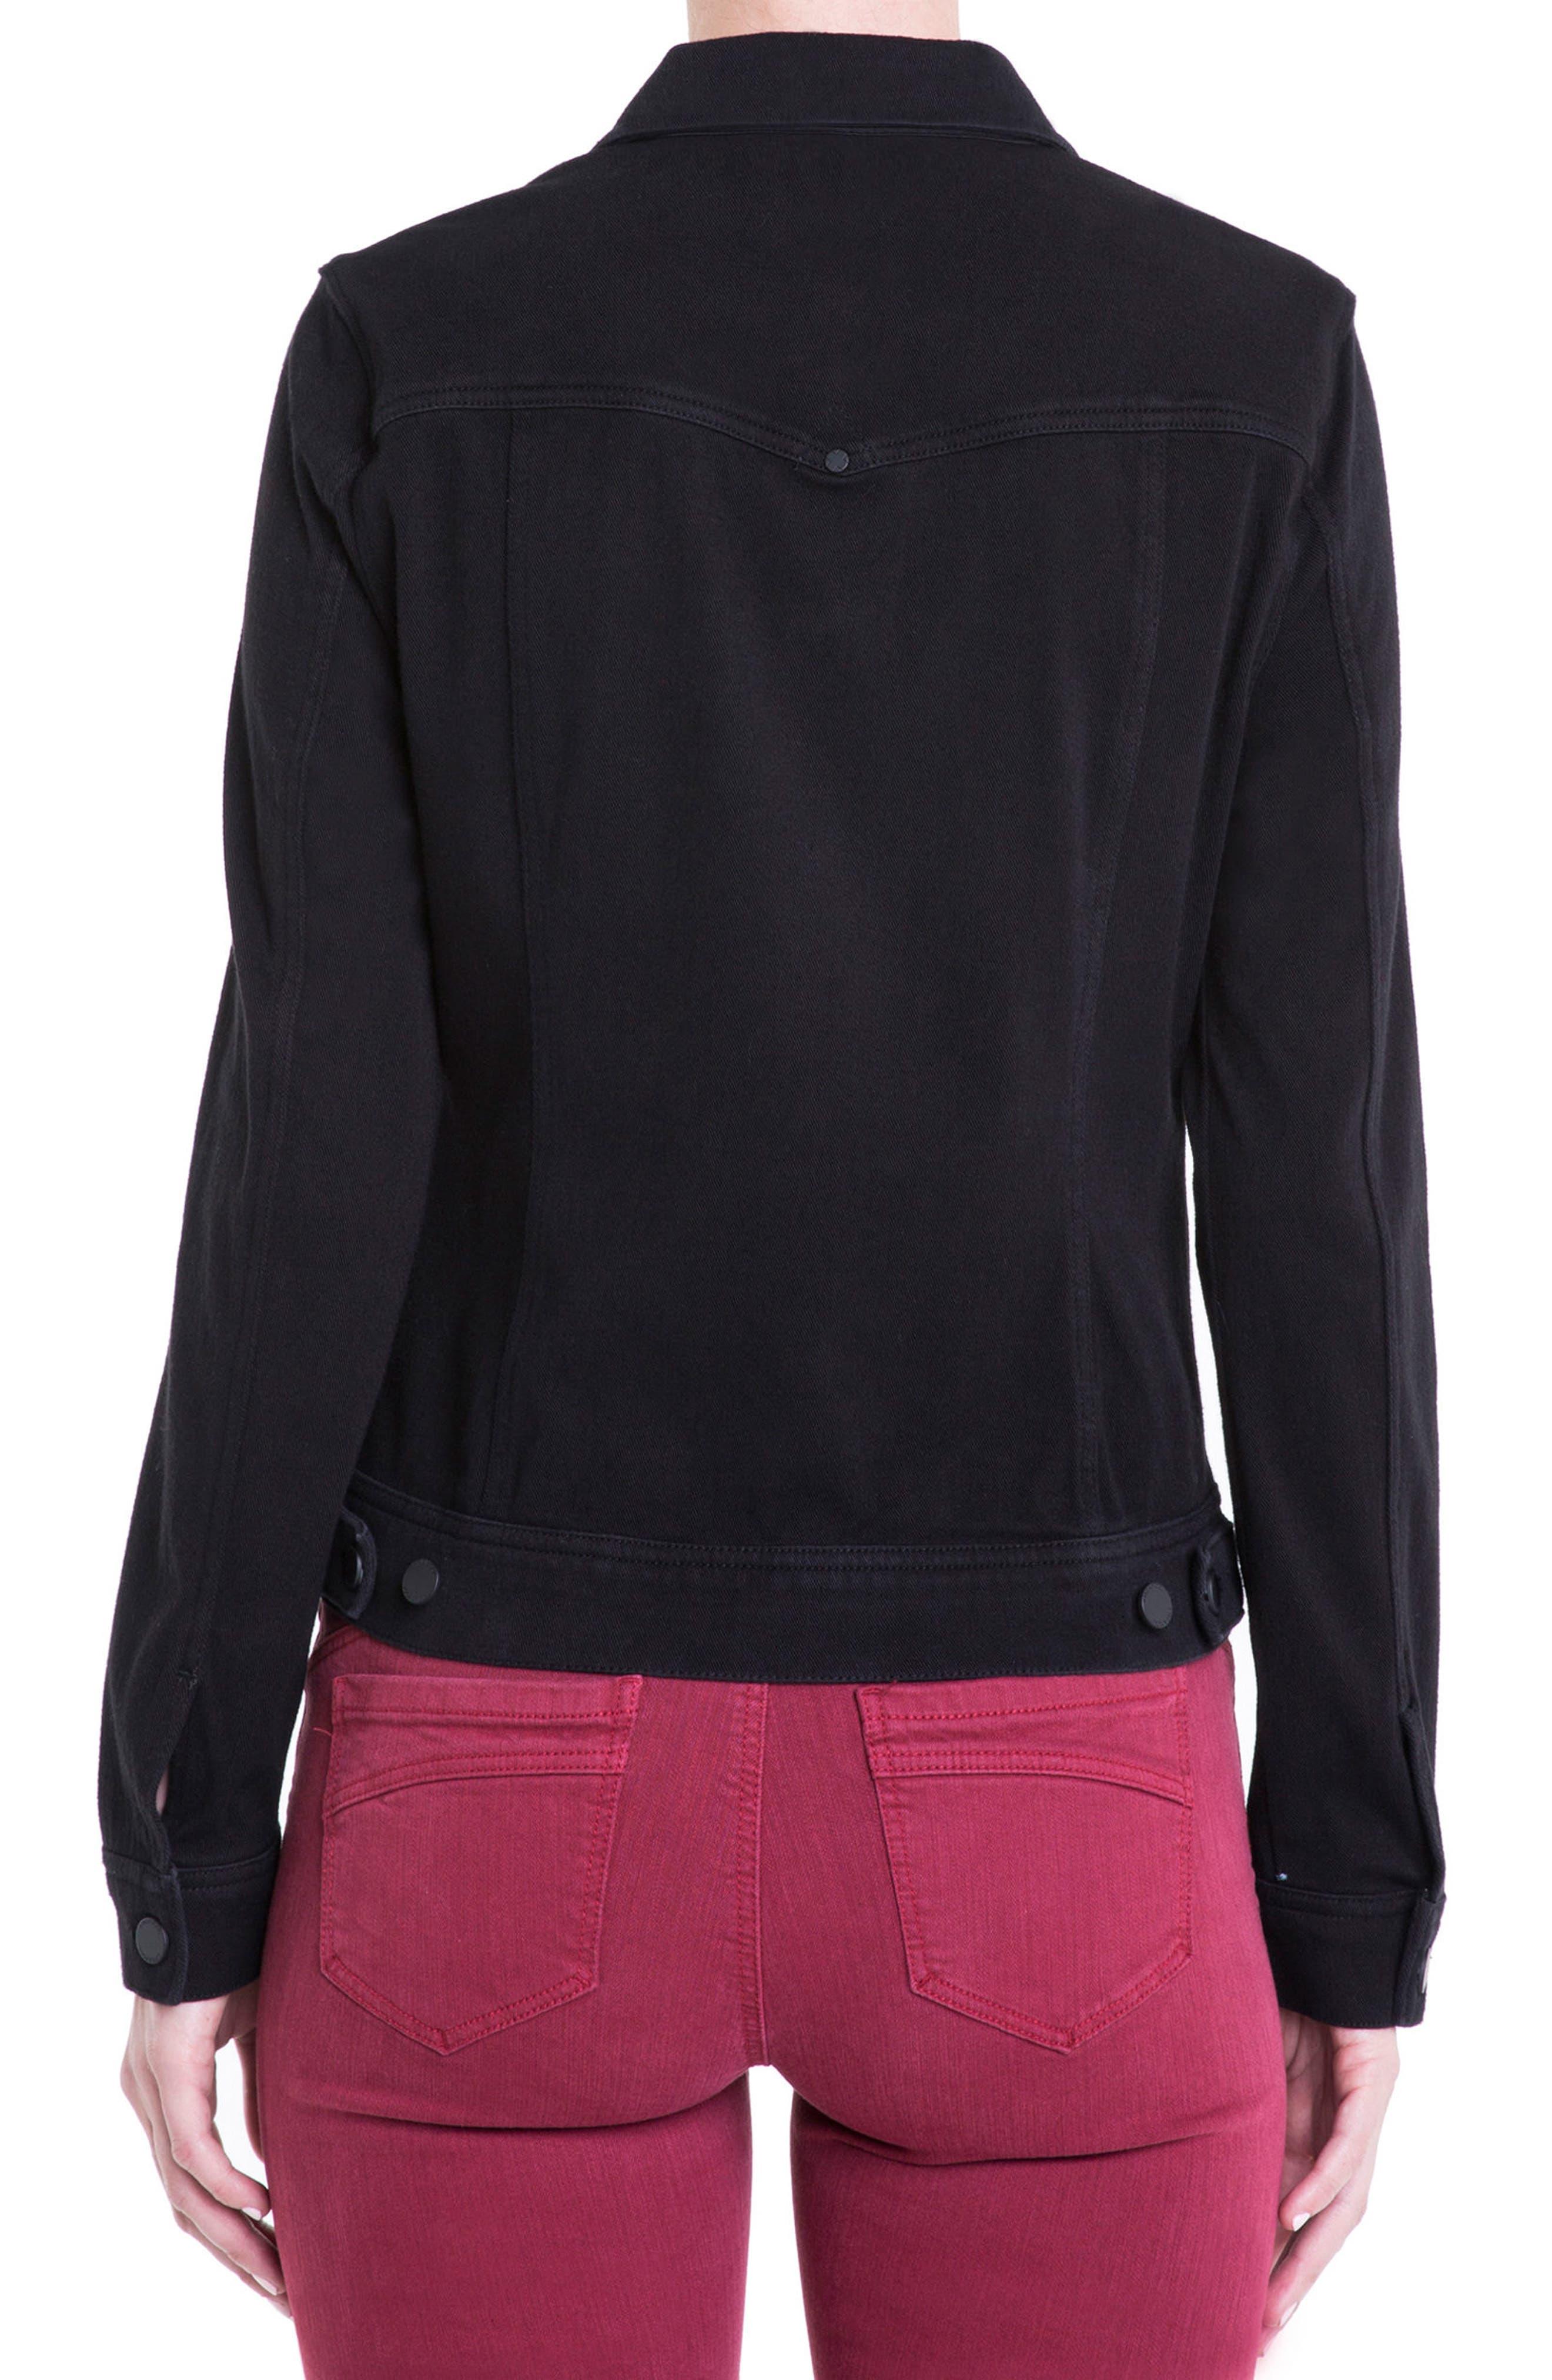 Jeans Co. Knit Denim Jacket,                             Alternate thumbnail 2, color,                             001